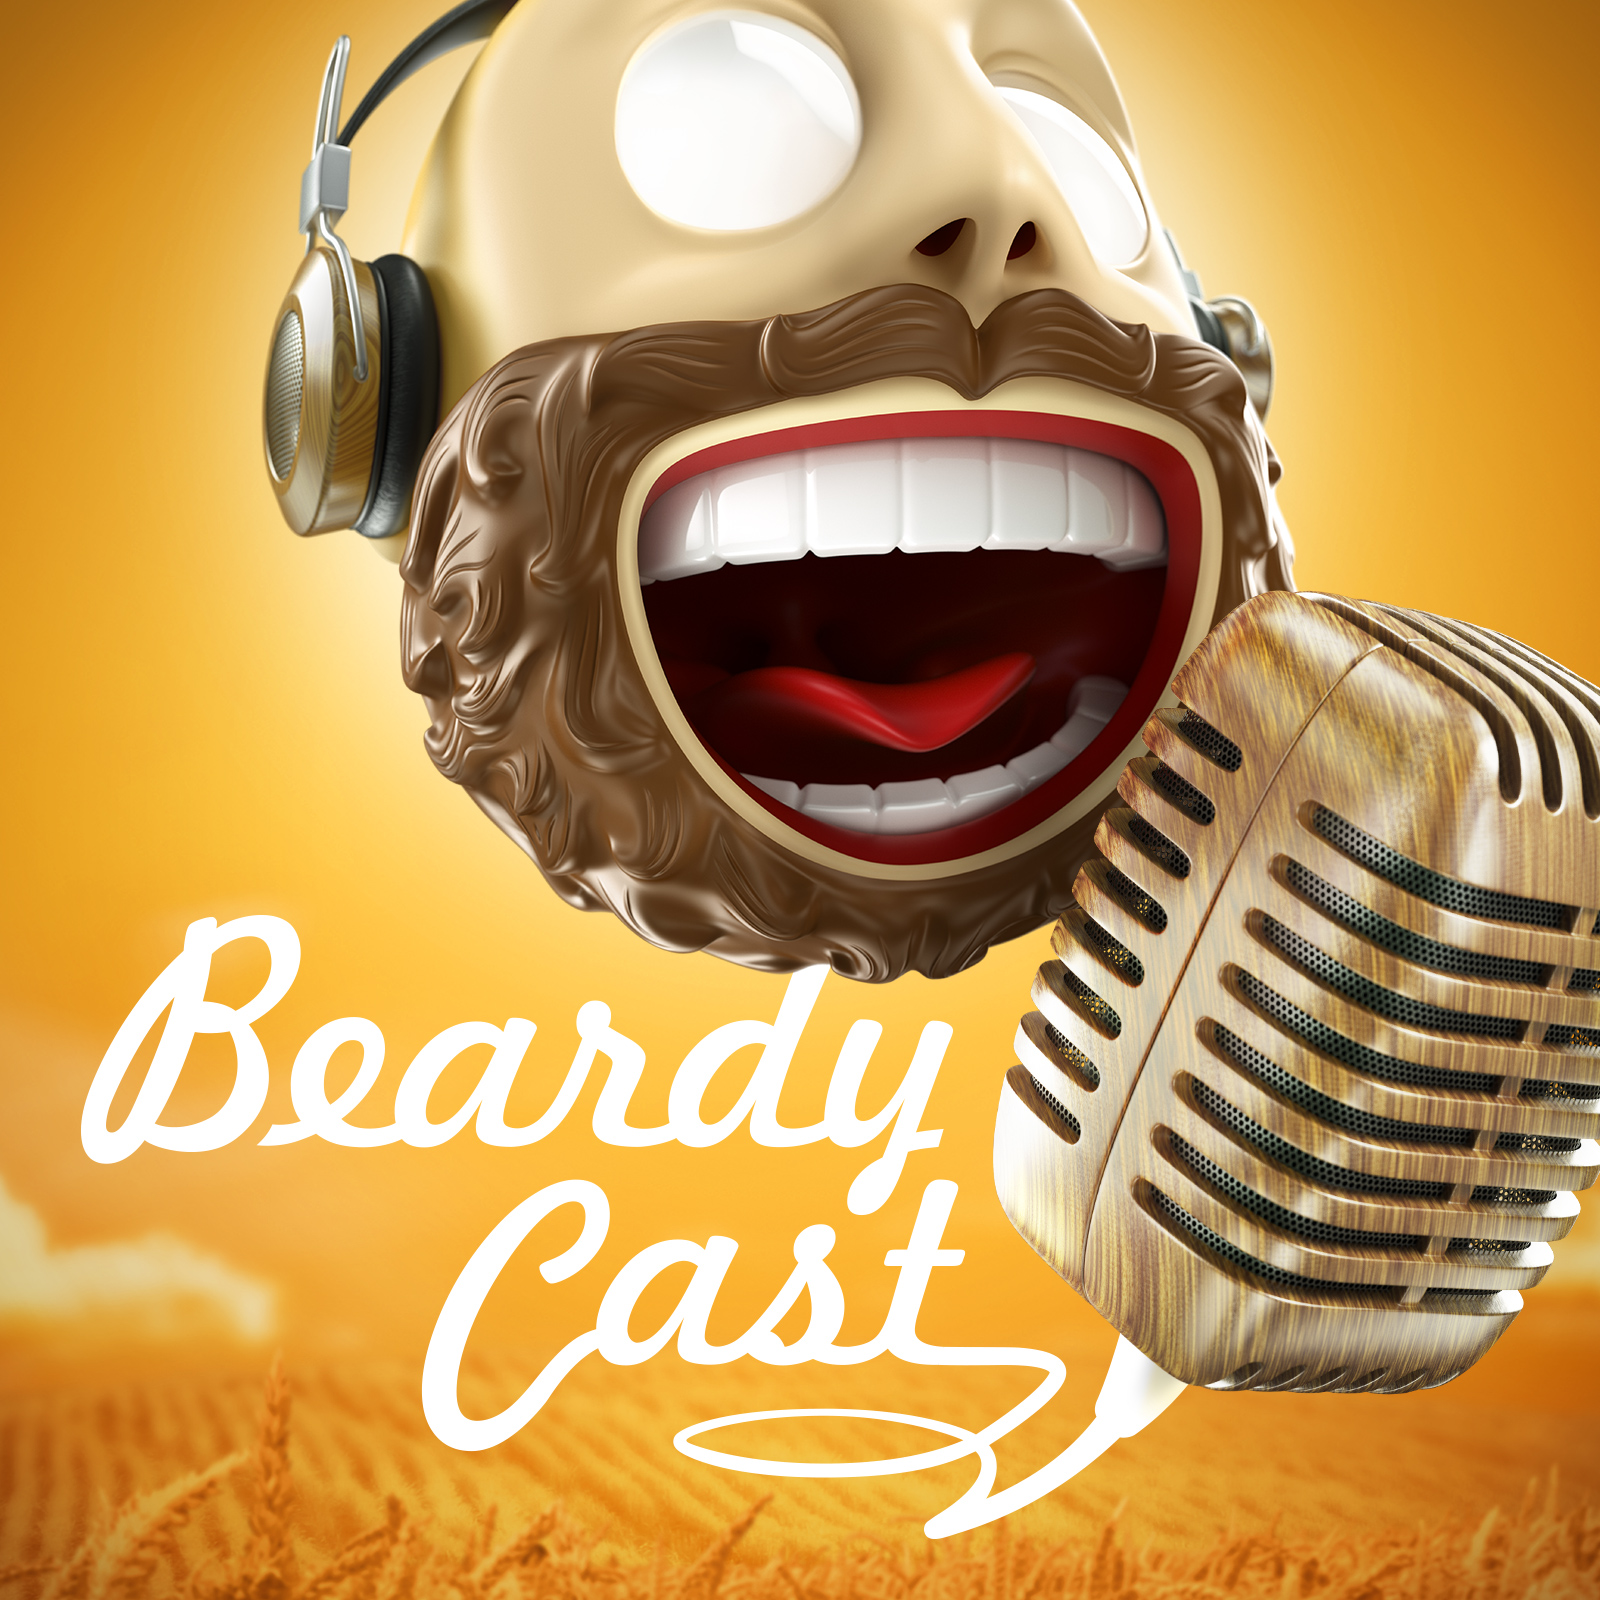 #BeardyCast: гаджеты и медиакультура logo